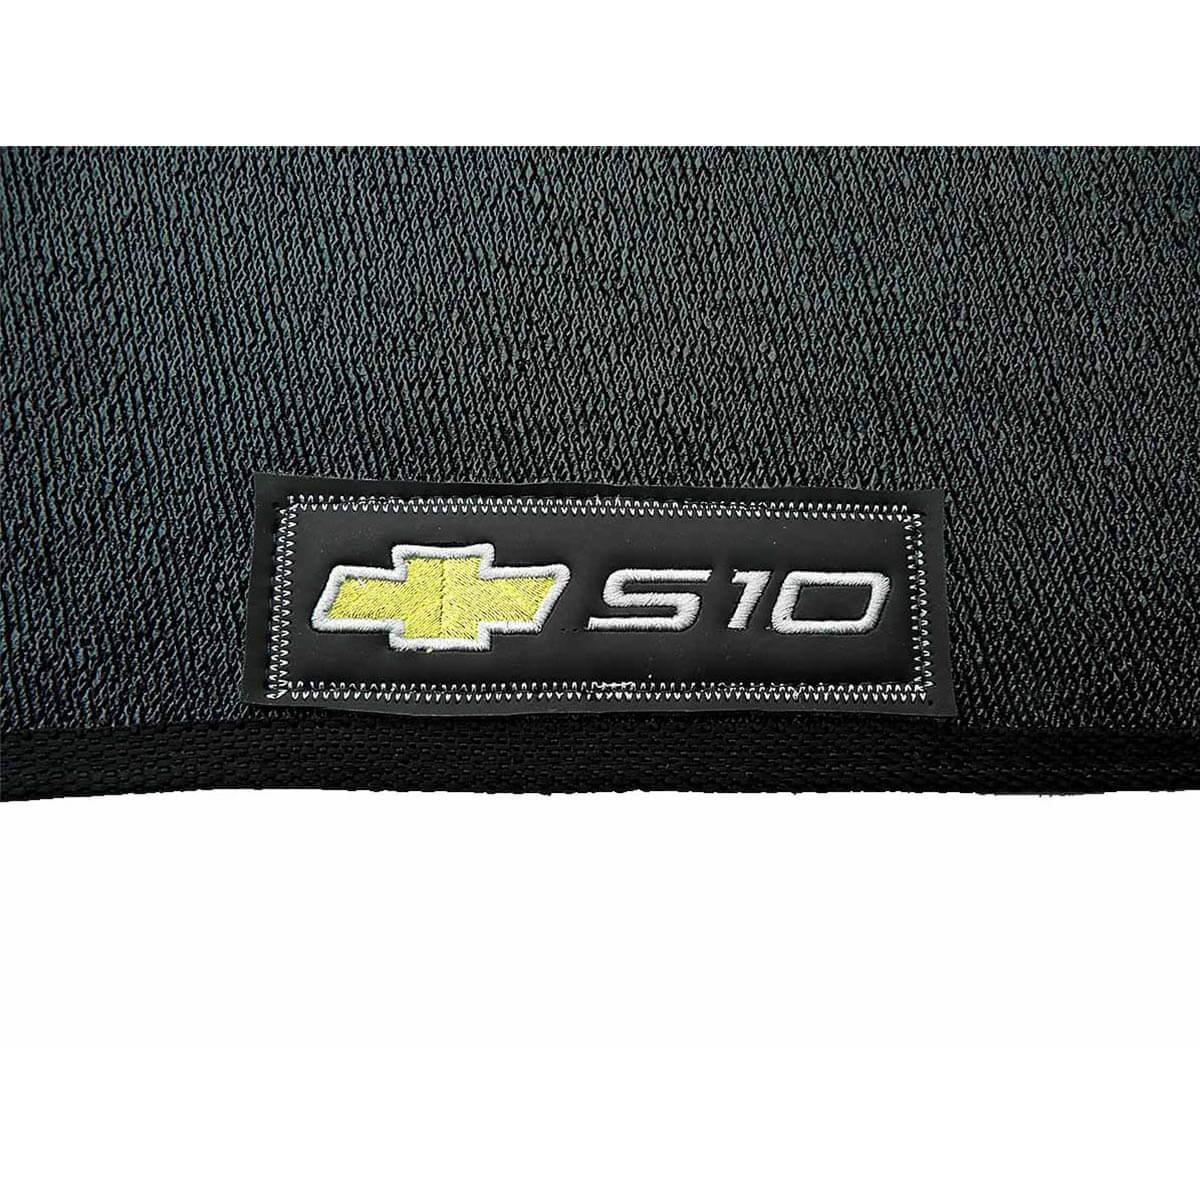 Tapete personalizado em PVC Nova S10 cabine dupla 2012 a 2022